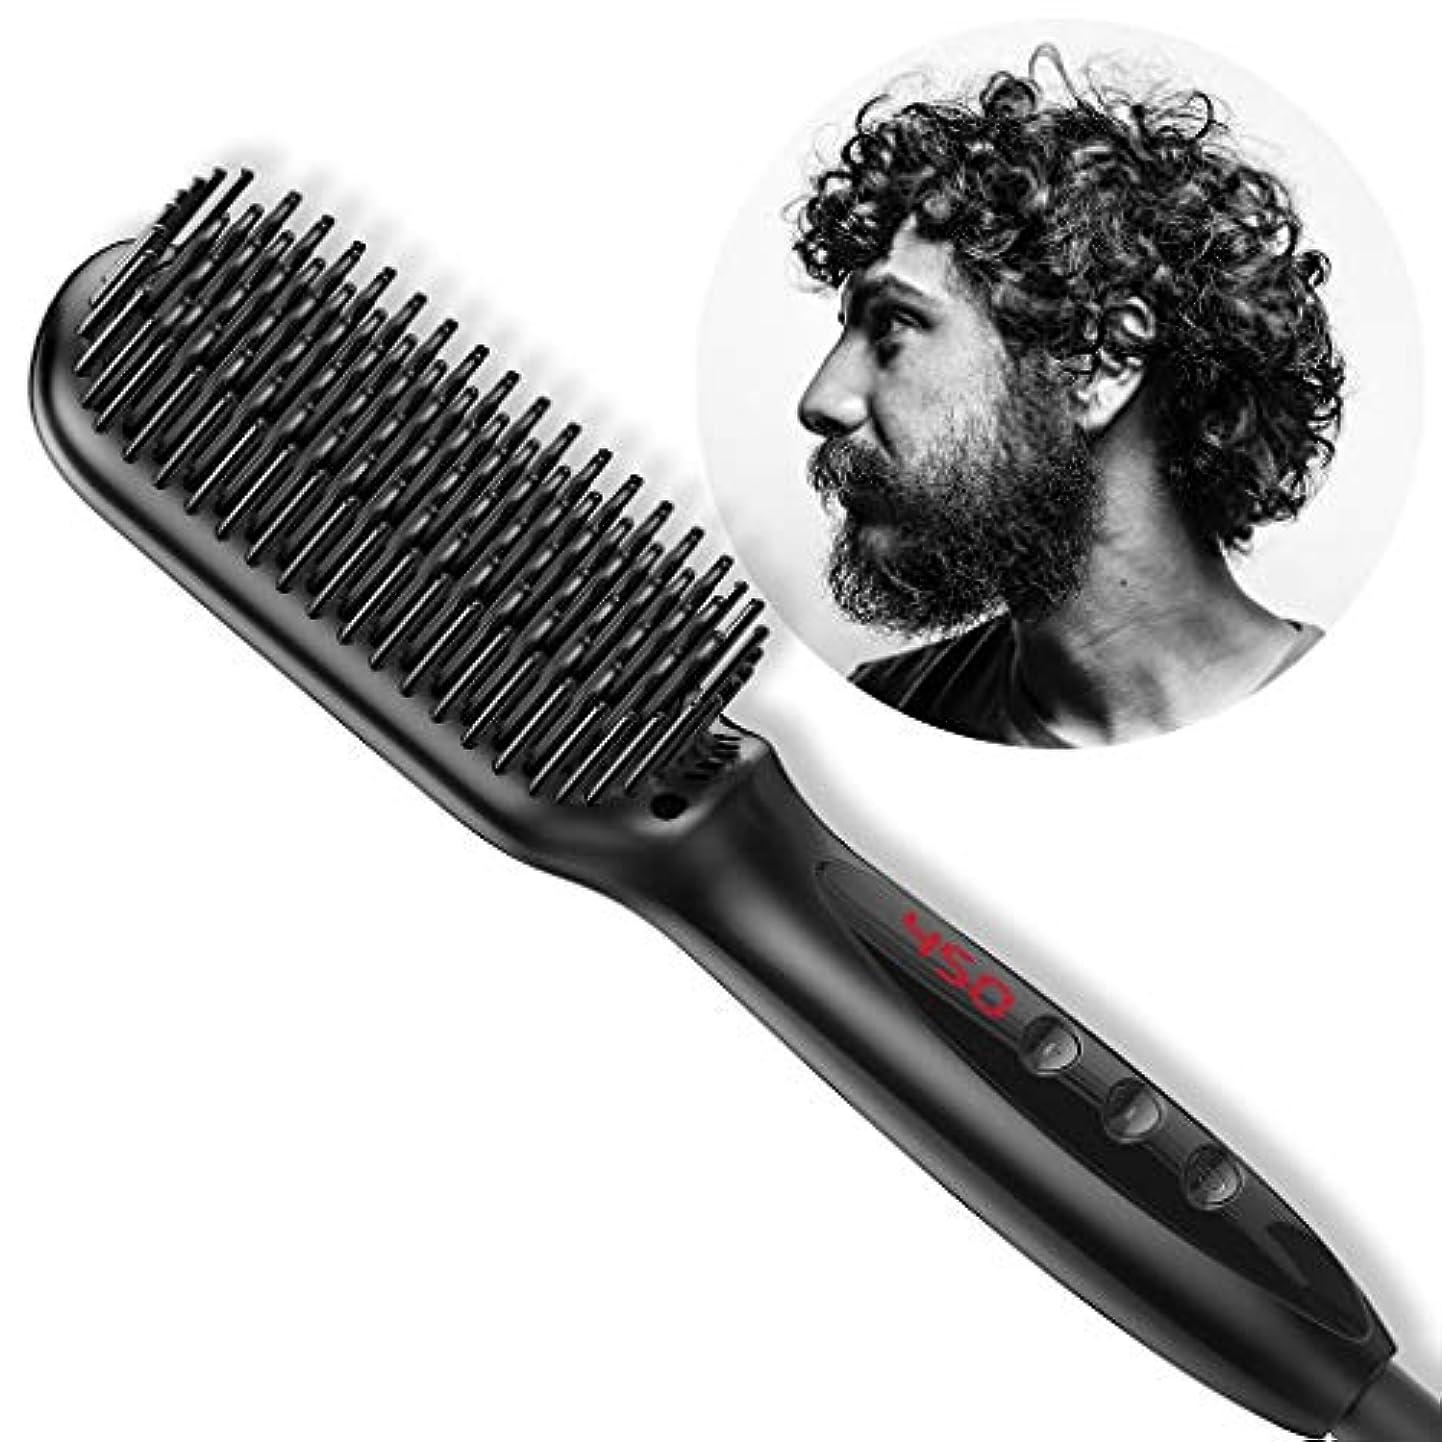 電気慎重ライラックストレイテナーくし、電気髪カーリングカーラーブラシウェットとドライのデュアルユースアンチ火傷セラミックイオンヘアブラシすべての髪のタイプのために